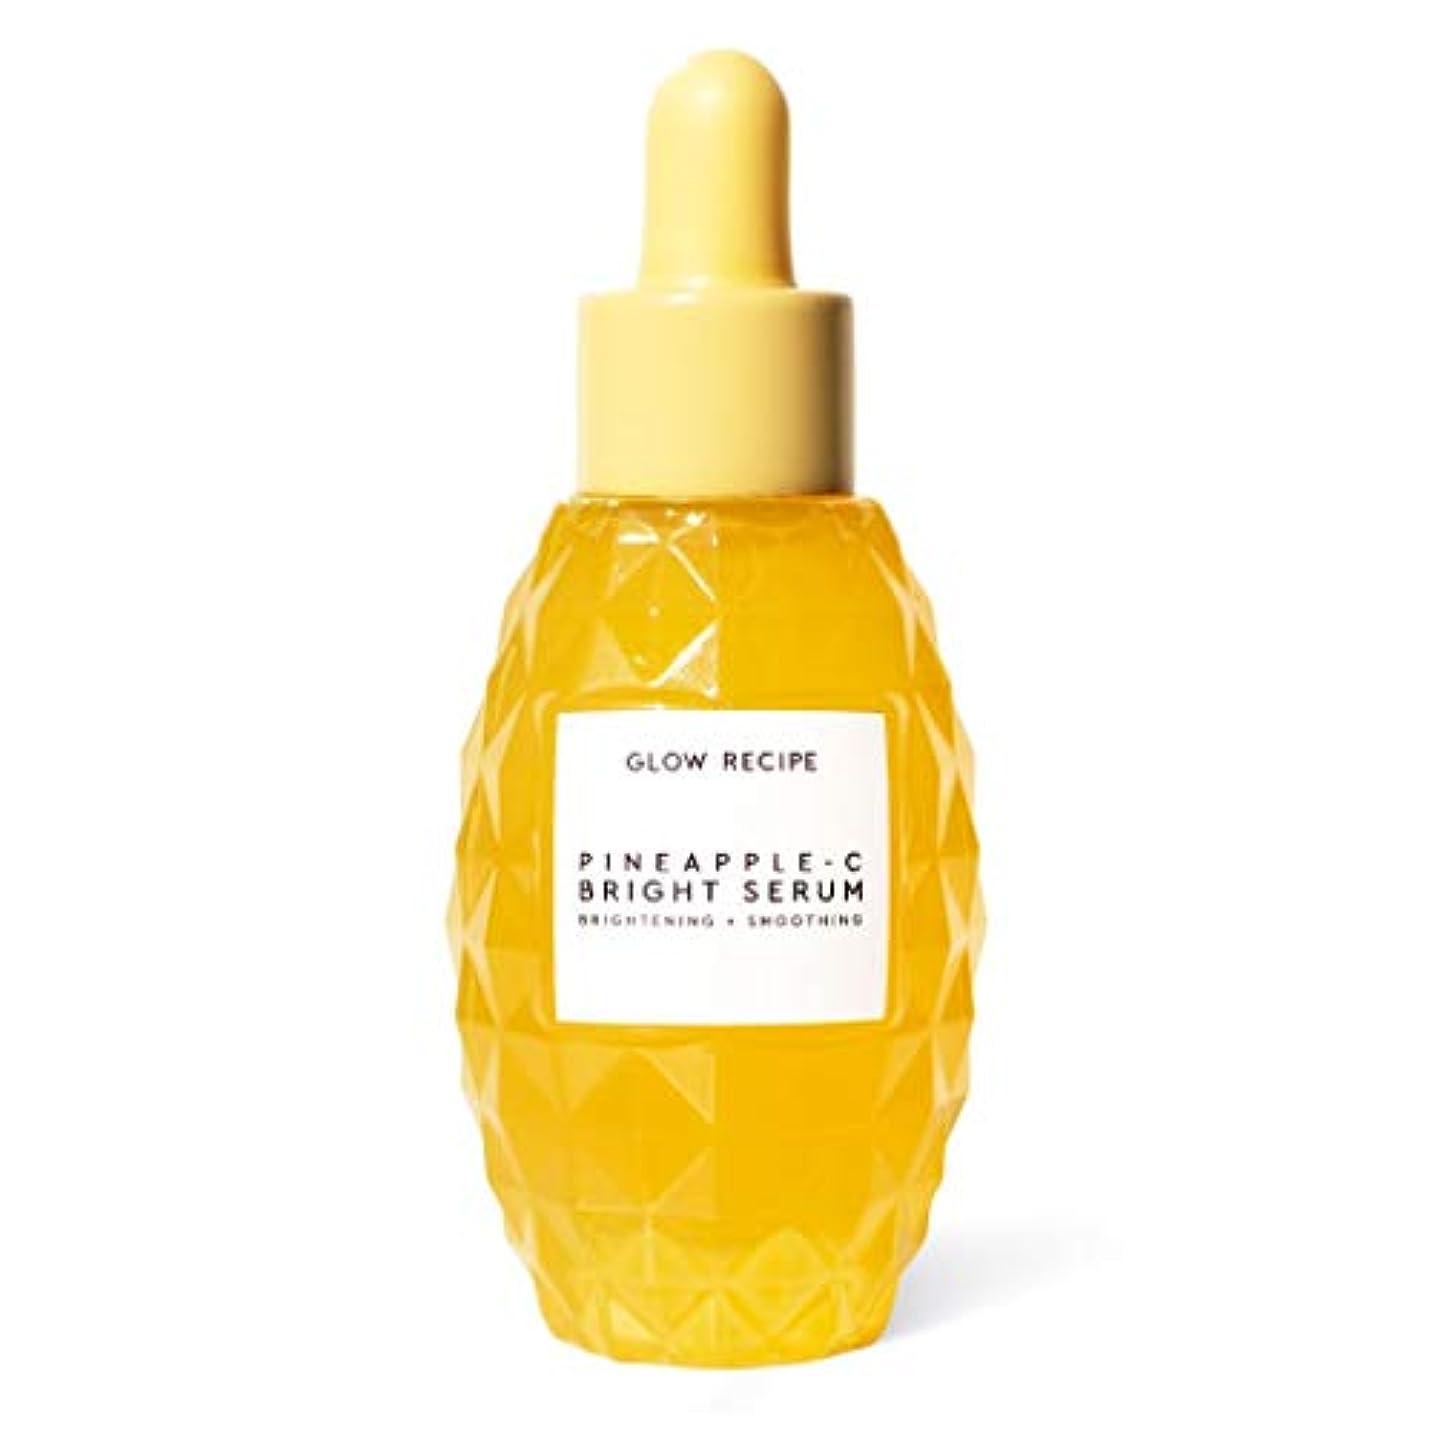 バーマド累積スタックGlow Recipe Pineapple-C Brightening Serum 1 Fl. Oz/ 30ml グロウレシピ パイナップル シー ブライト二ング セラム